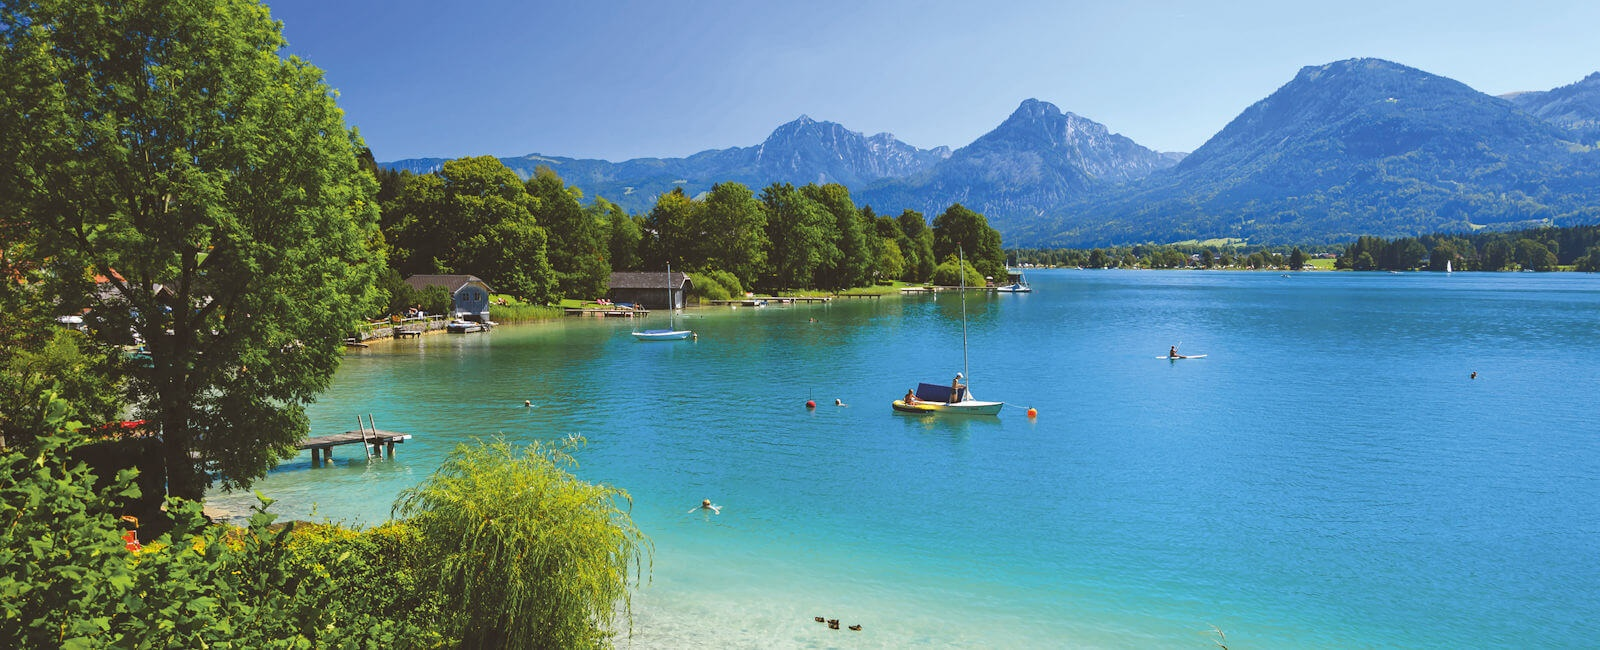 salzburg region, austria